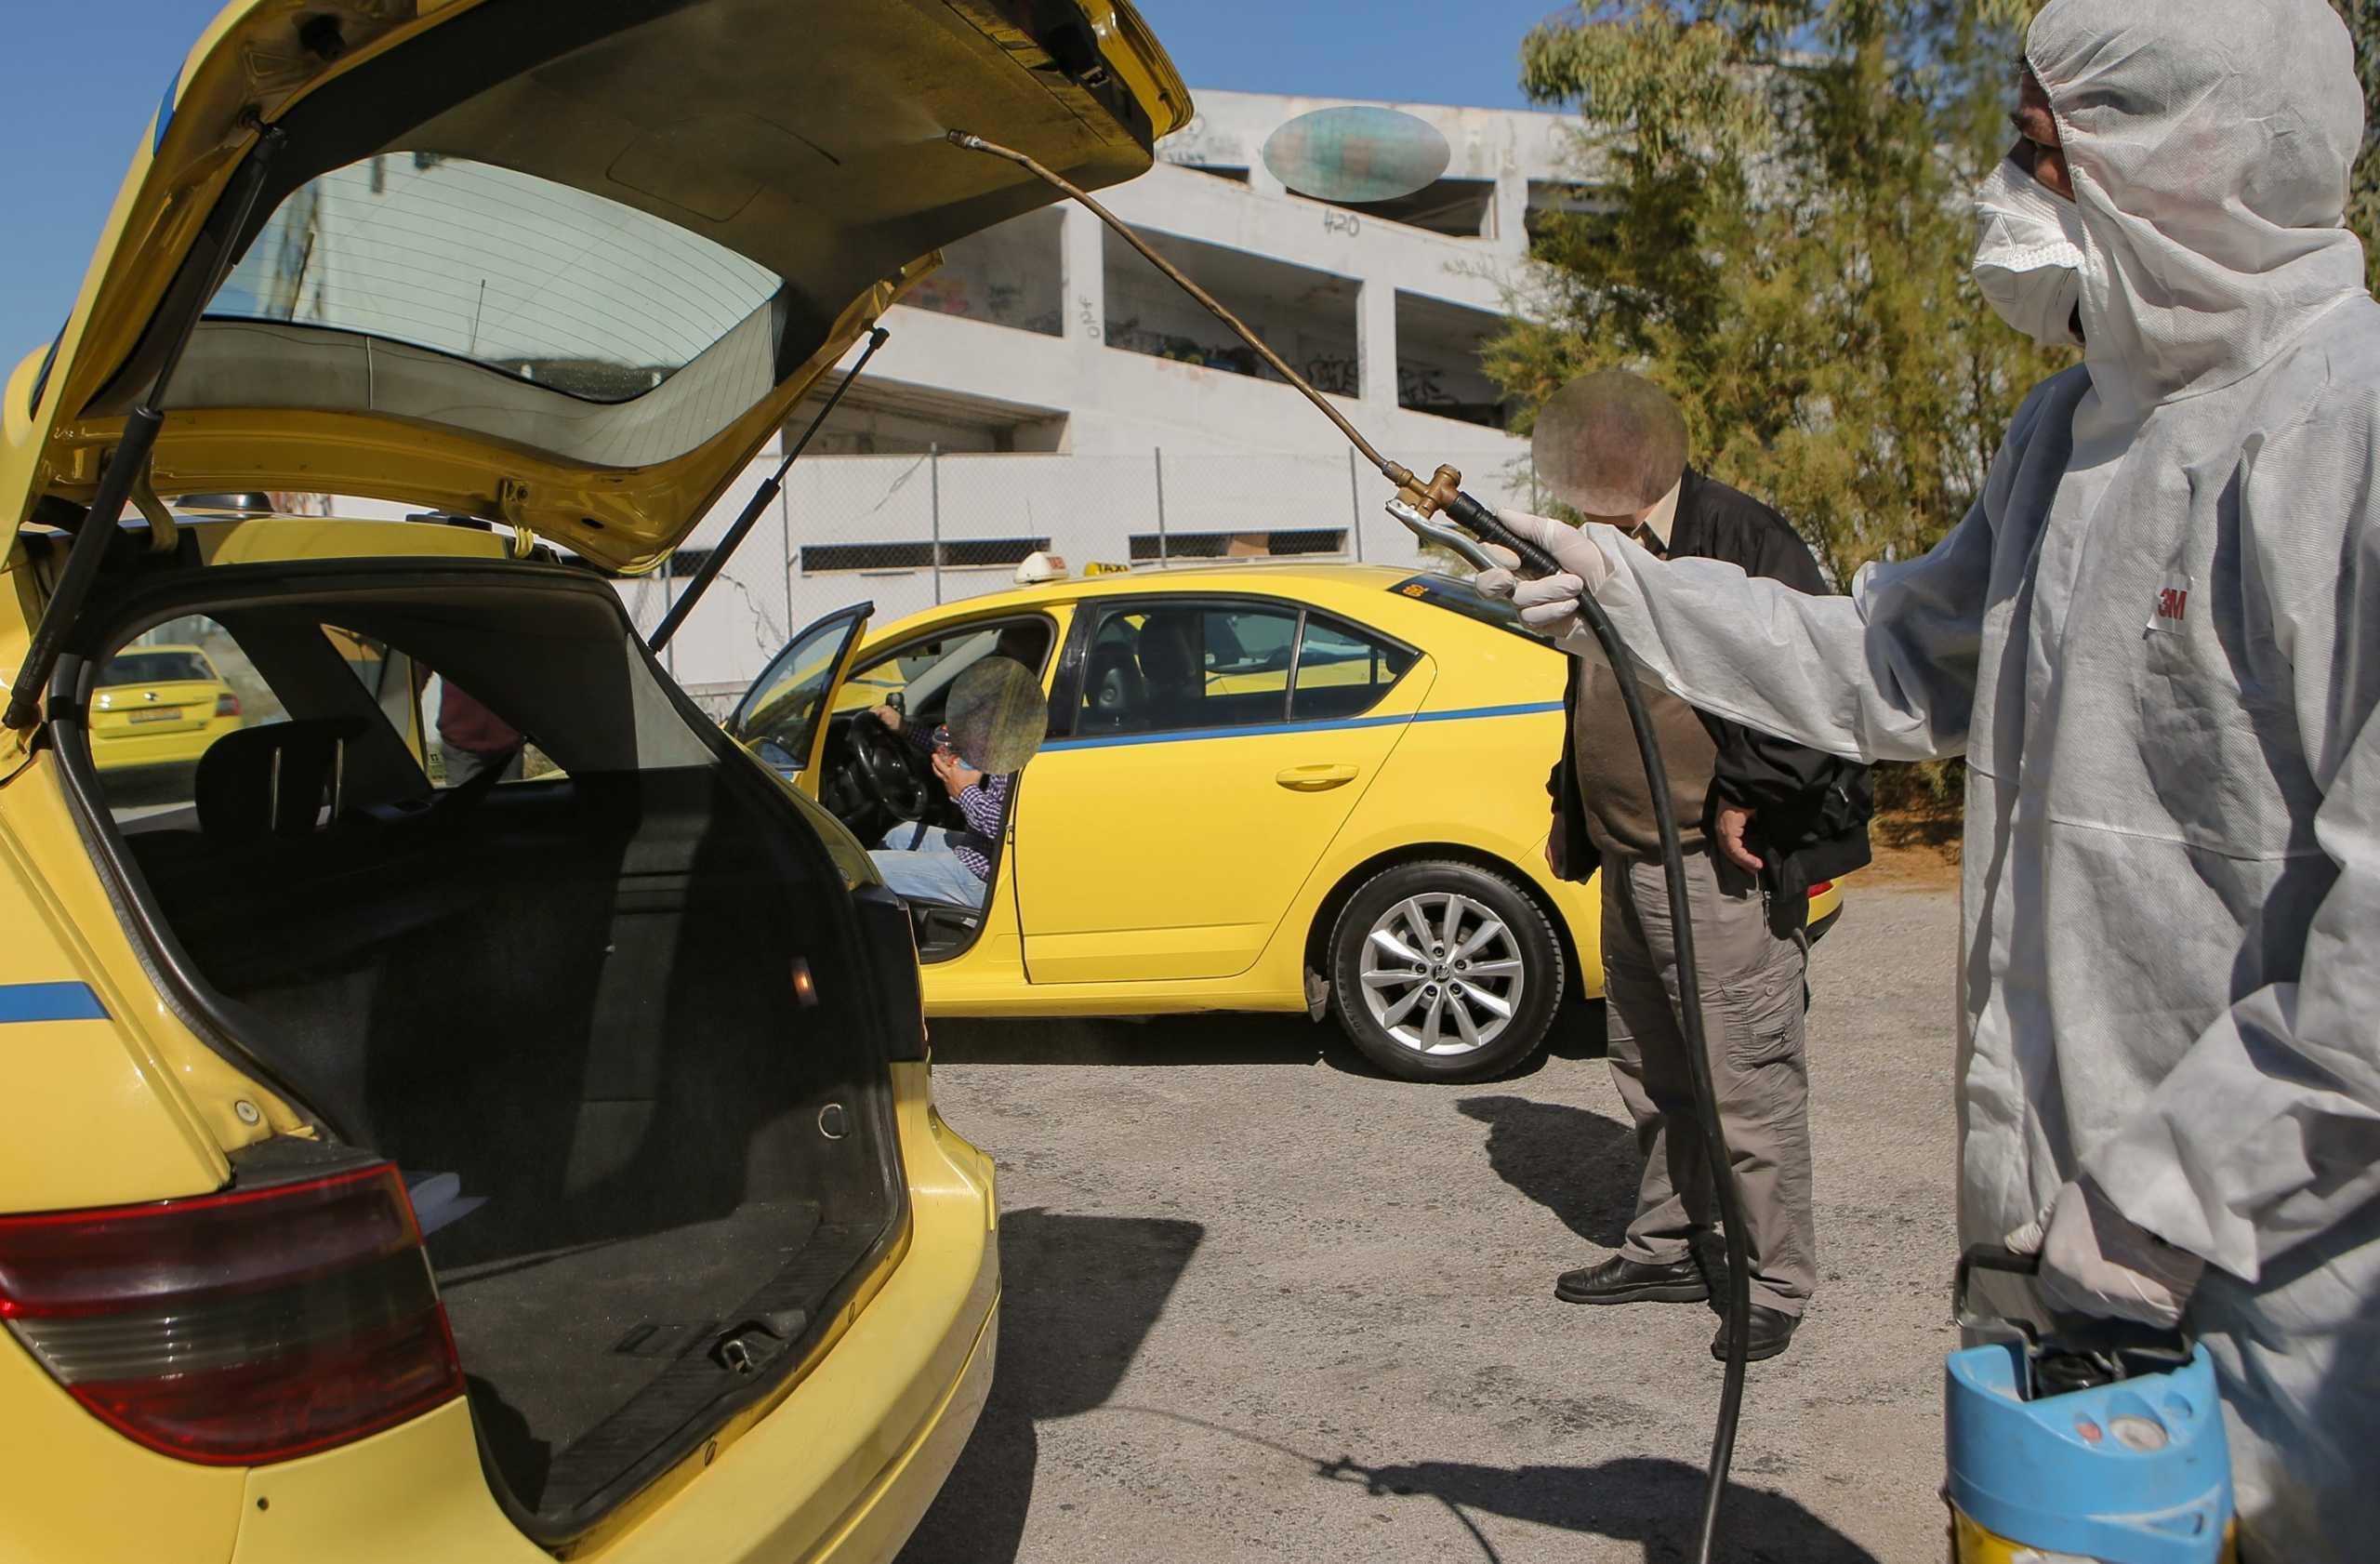 Εξοργιστικό! Έκρυψαν από την οδηγό ταξί που μετέφερε τους Σέρβους στο νοσοκομείο ότι ήταν ύποπτα κρούσματα κορονοϊού!